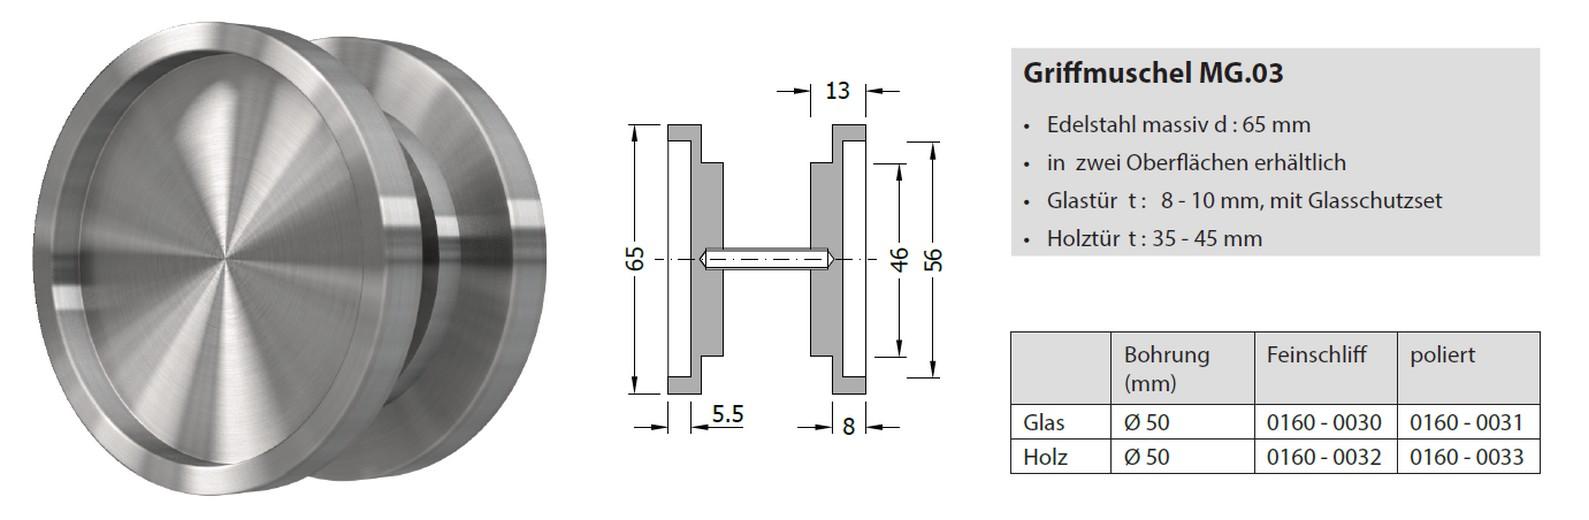 MLS Griffmuschel Muldengriff Edelstahl Schiebet/ür mehrere Modelle zur Auswahl T/ürart Holzt/ür 35-45 mm Griffmodell MG.03 Finish Matt